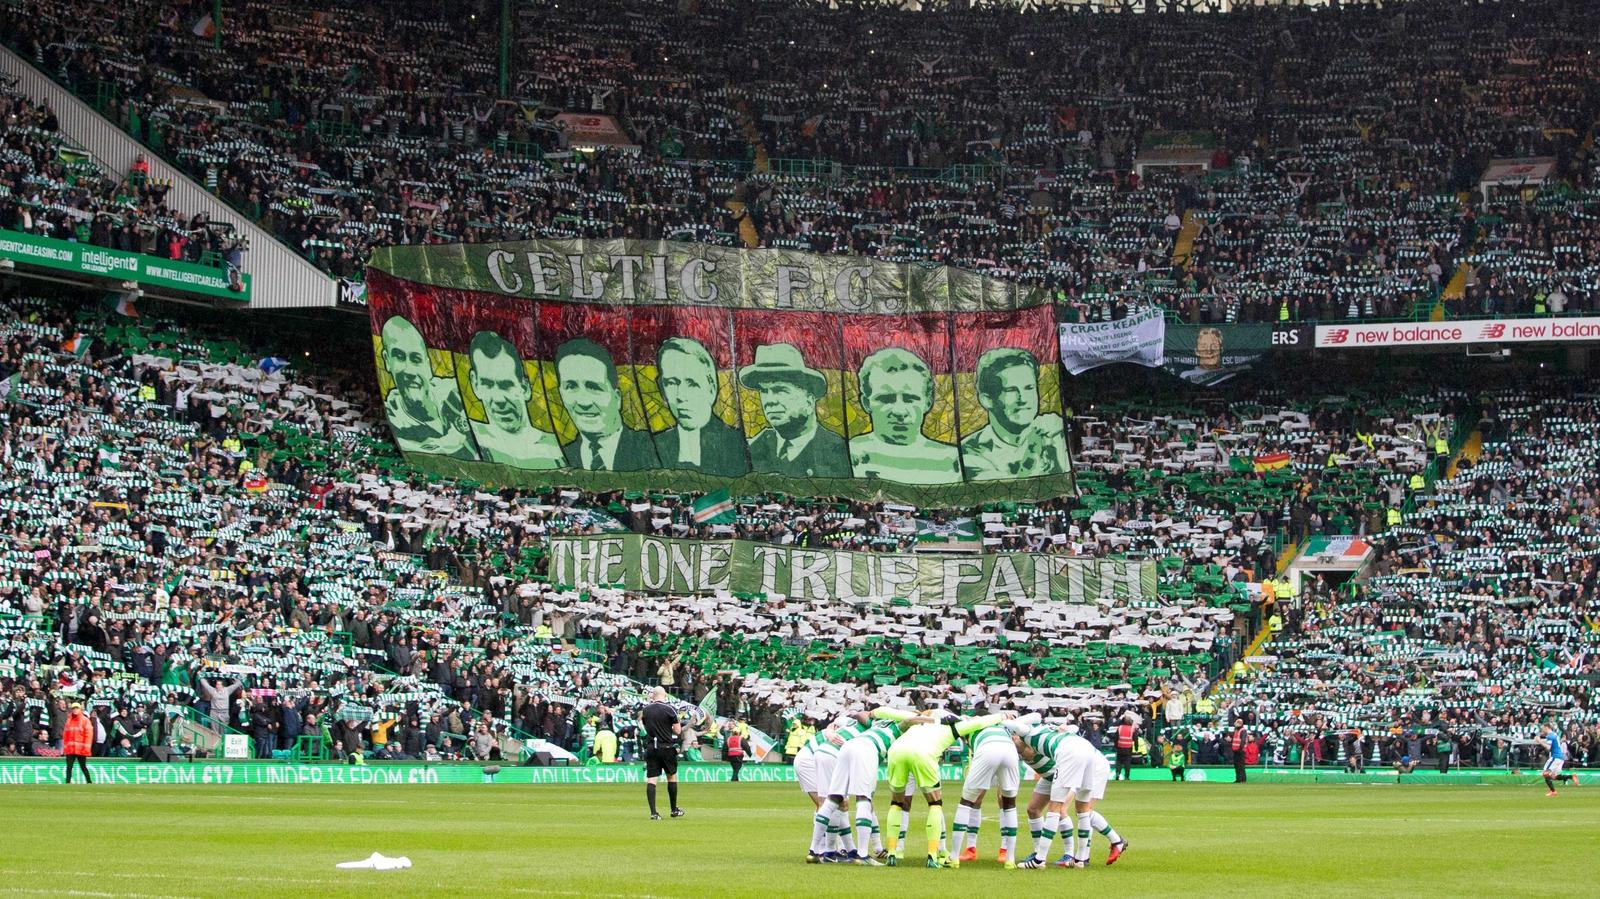 Celtic's winning run ended by Rangers